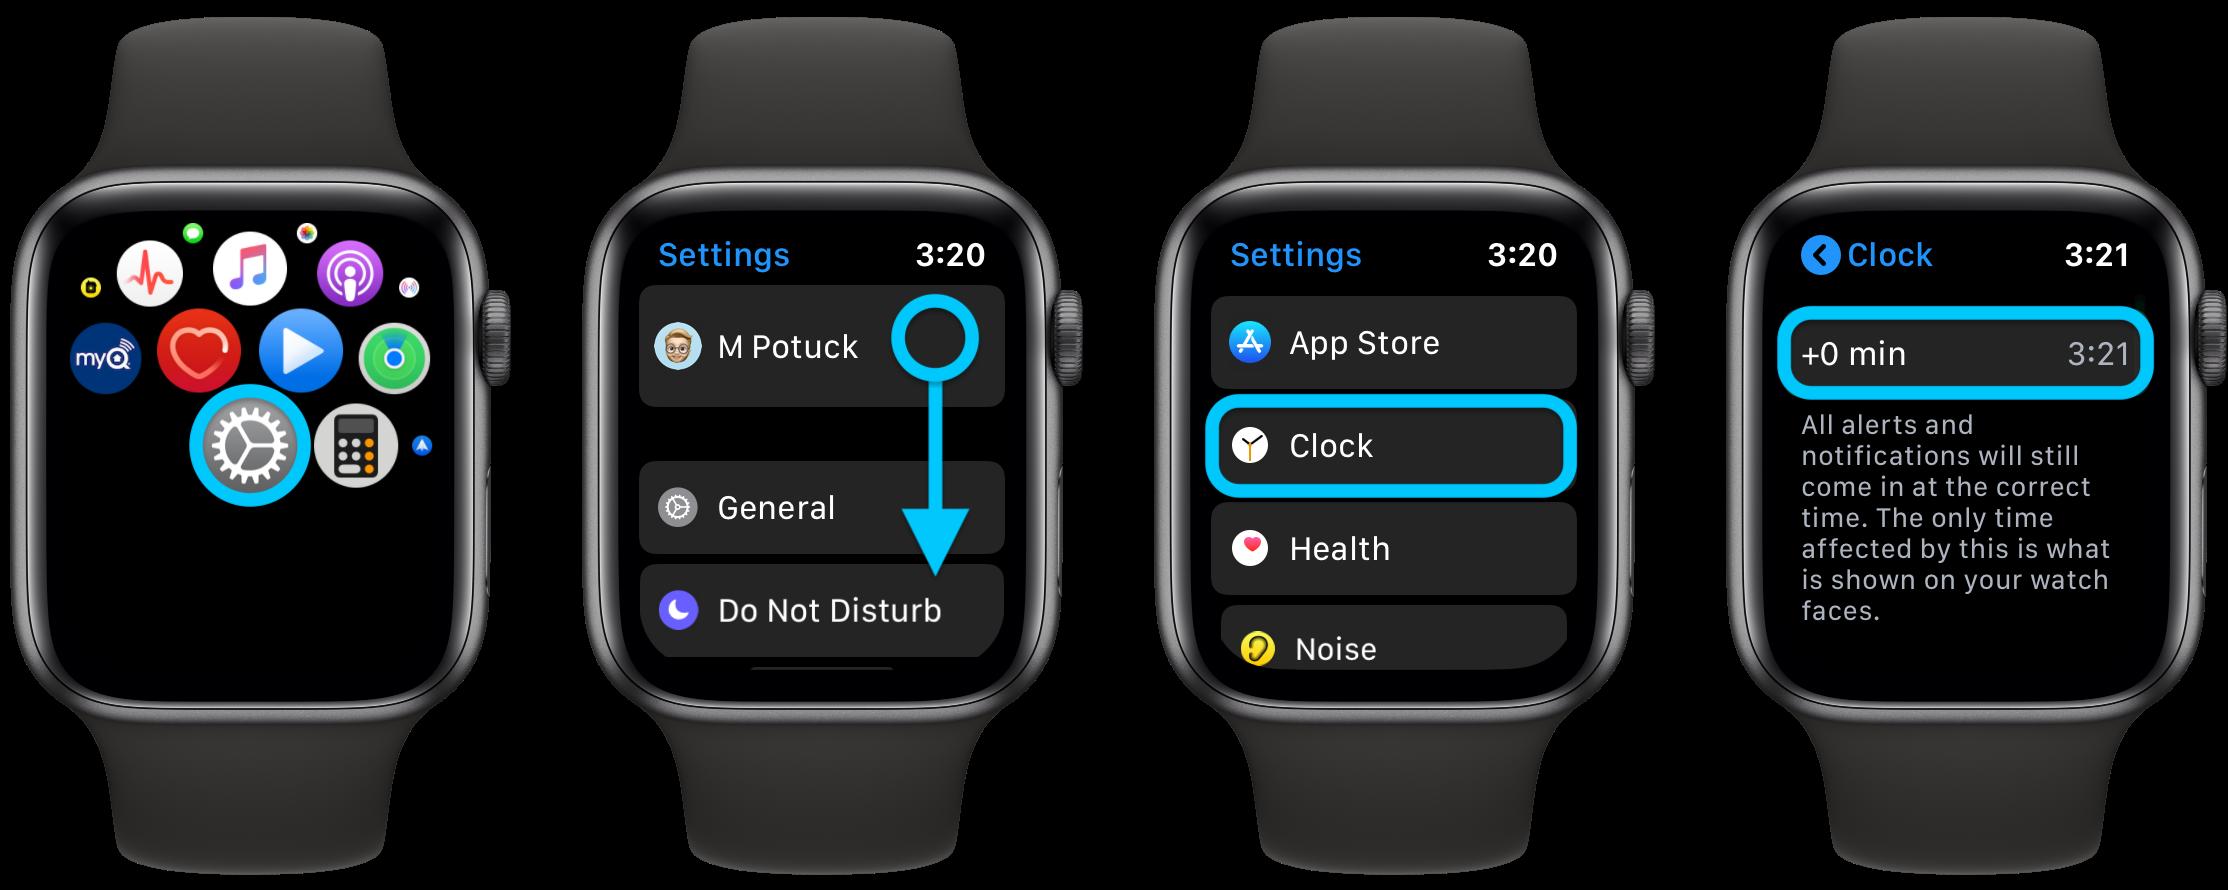 """<span href=""""https://9to5mac.com/2020/01/10/how-to-manually-adjust-apple-watch-time/"""">Cómo ajustar manualmente el tiempo de su Apple Watch</a>"""